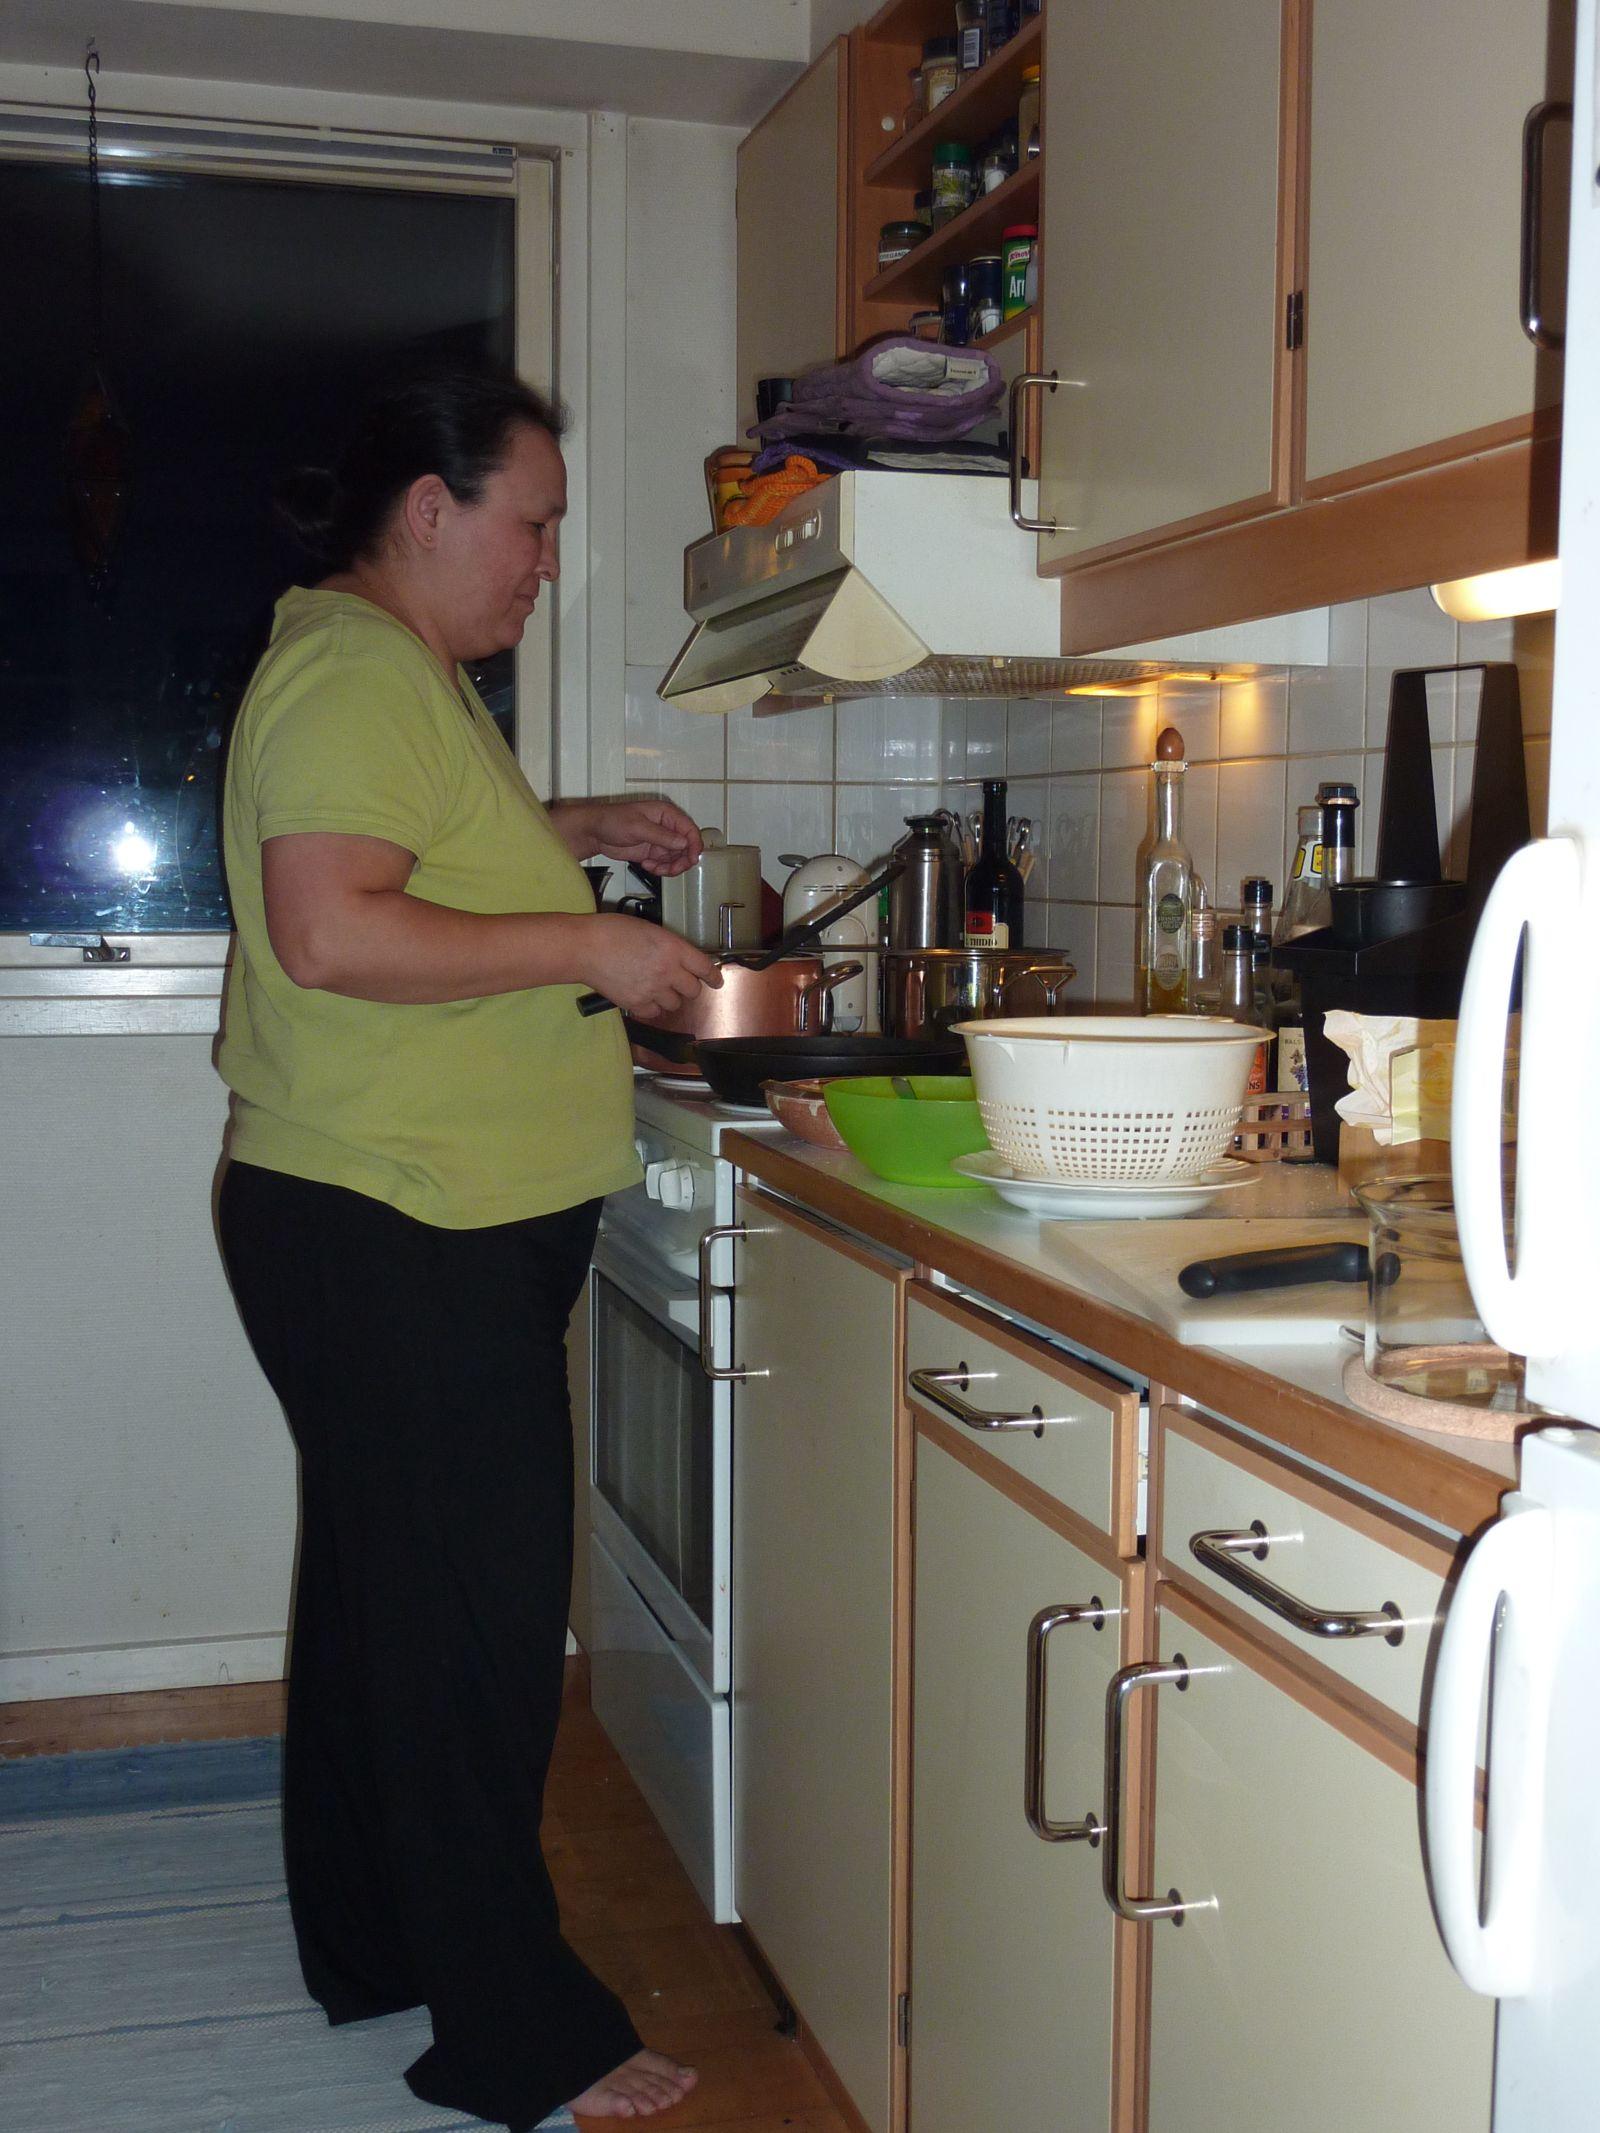 2010-03-18-1922_-_Maren Mikkelsen Lennert